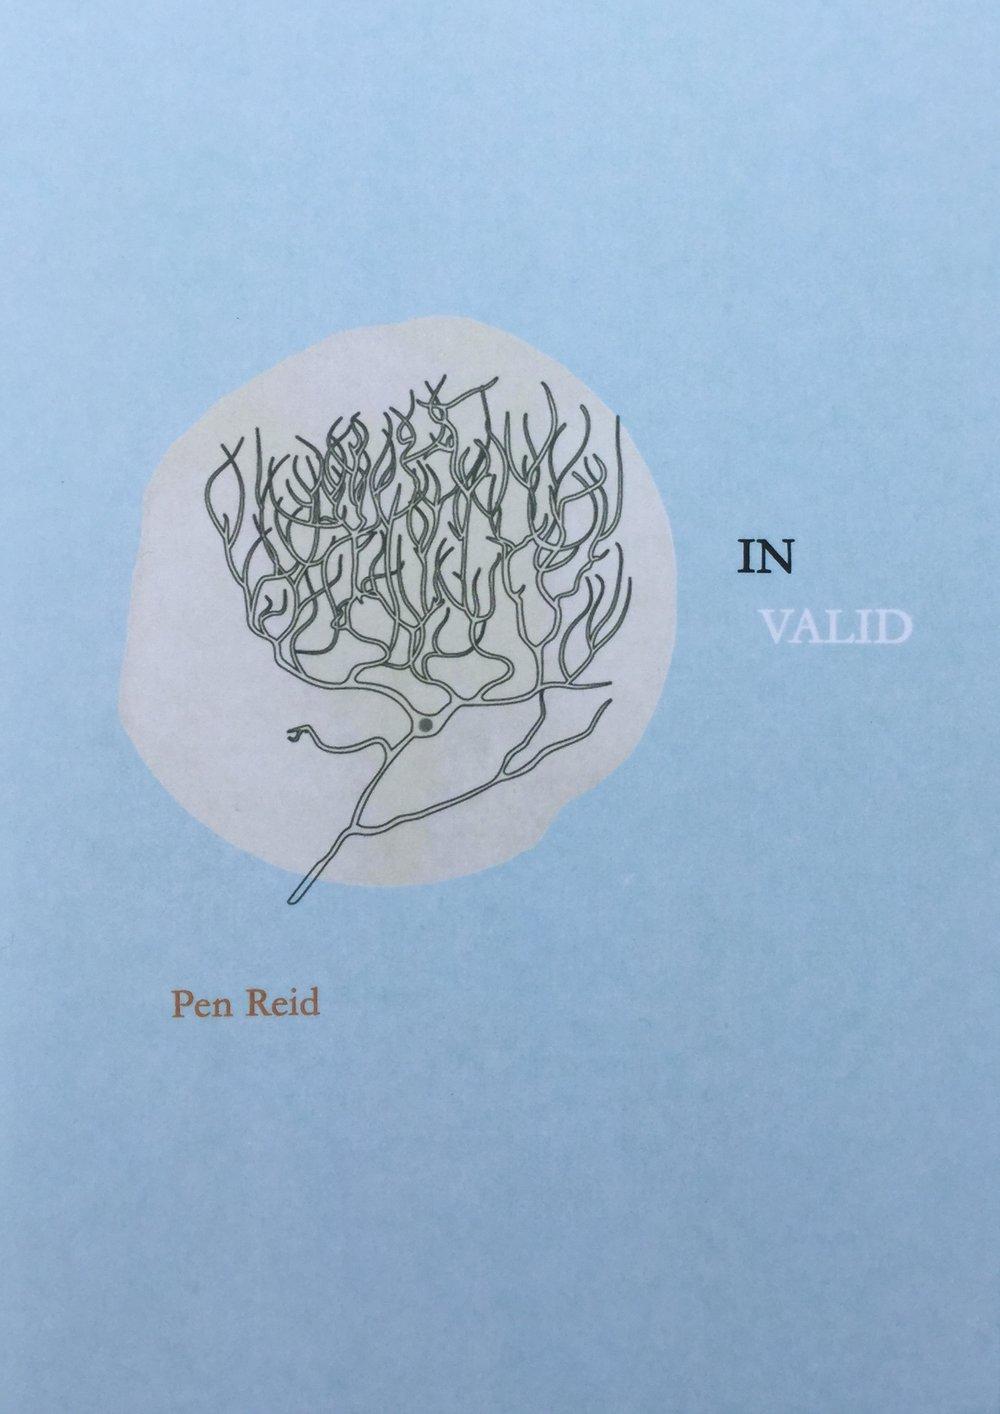 Pen Reid